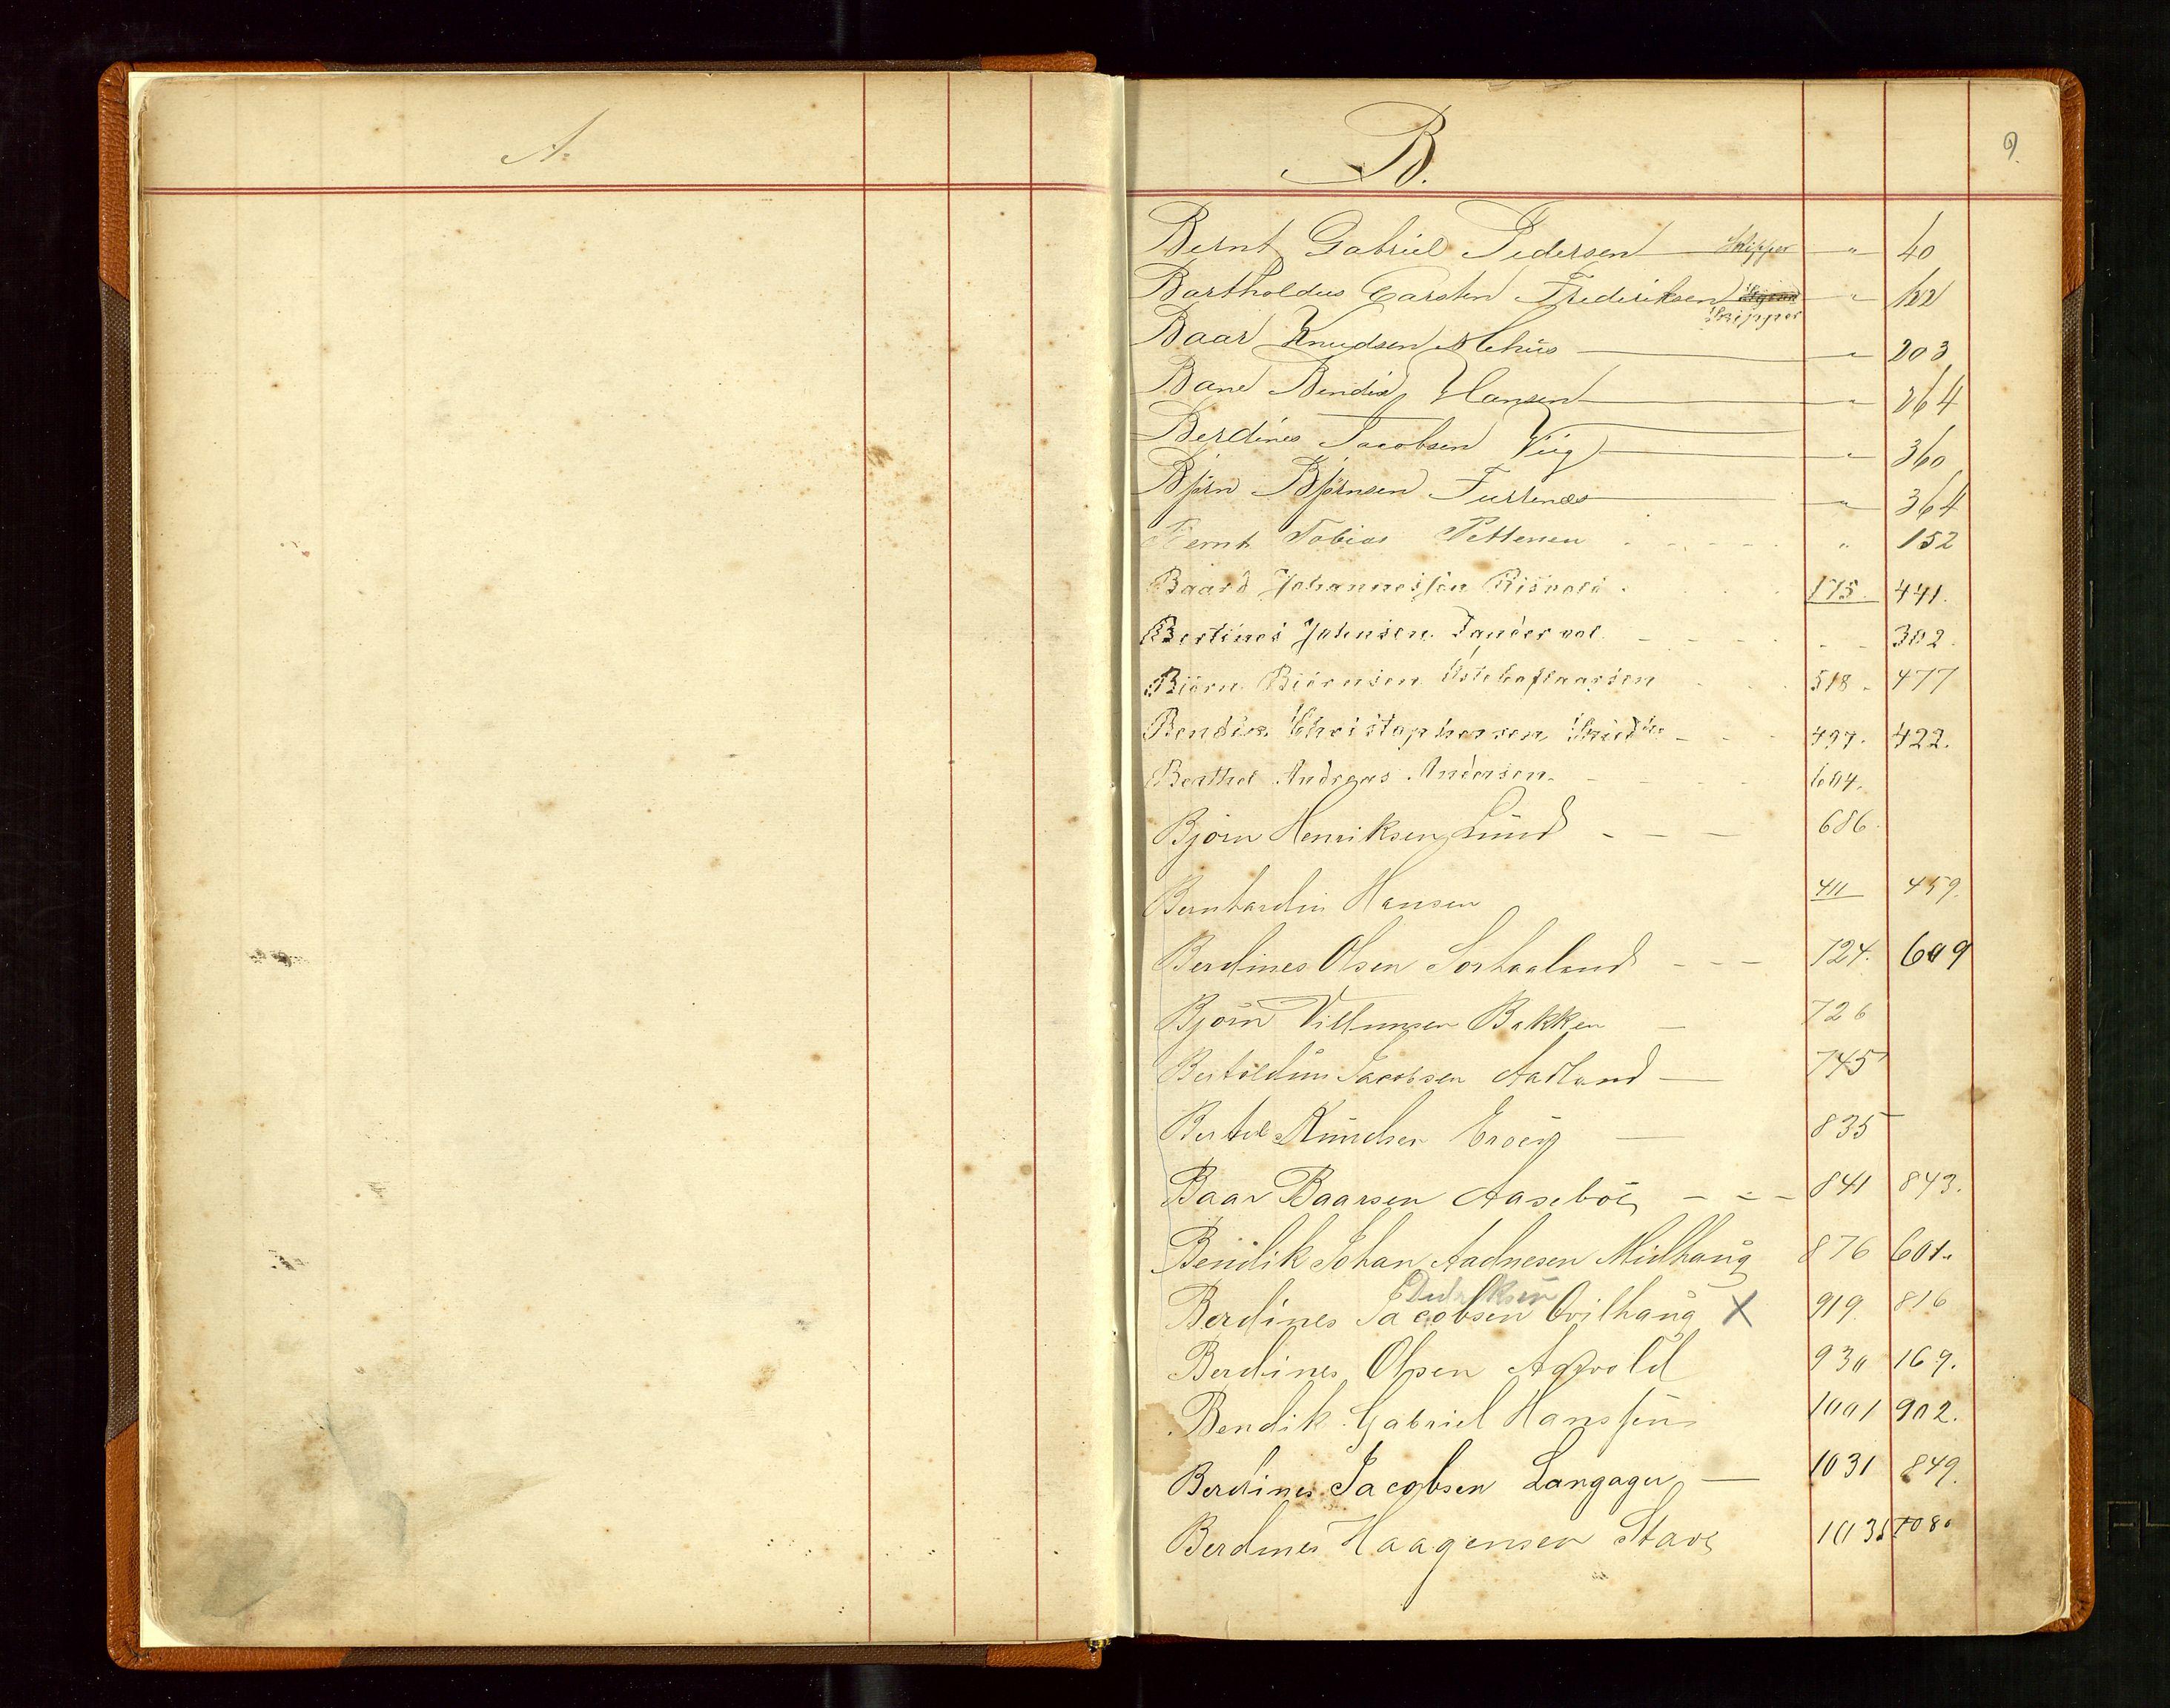 SAST, Haugesund sjømannskontor, F/Fb/Fba/L0003: Navneregister med henvisning til rullenummer (fornavn) Haugesund krets, 1860-1948, p. 9